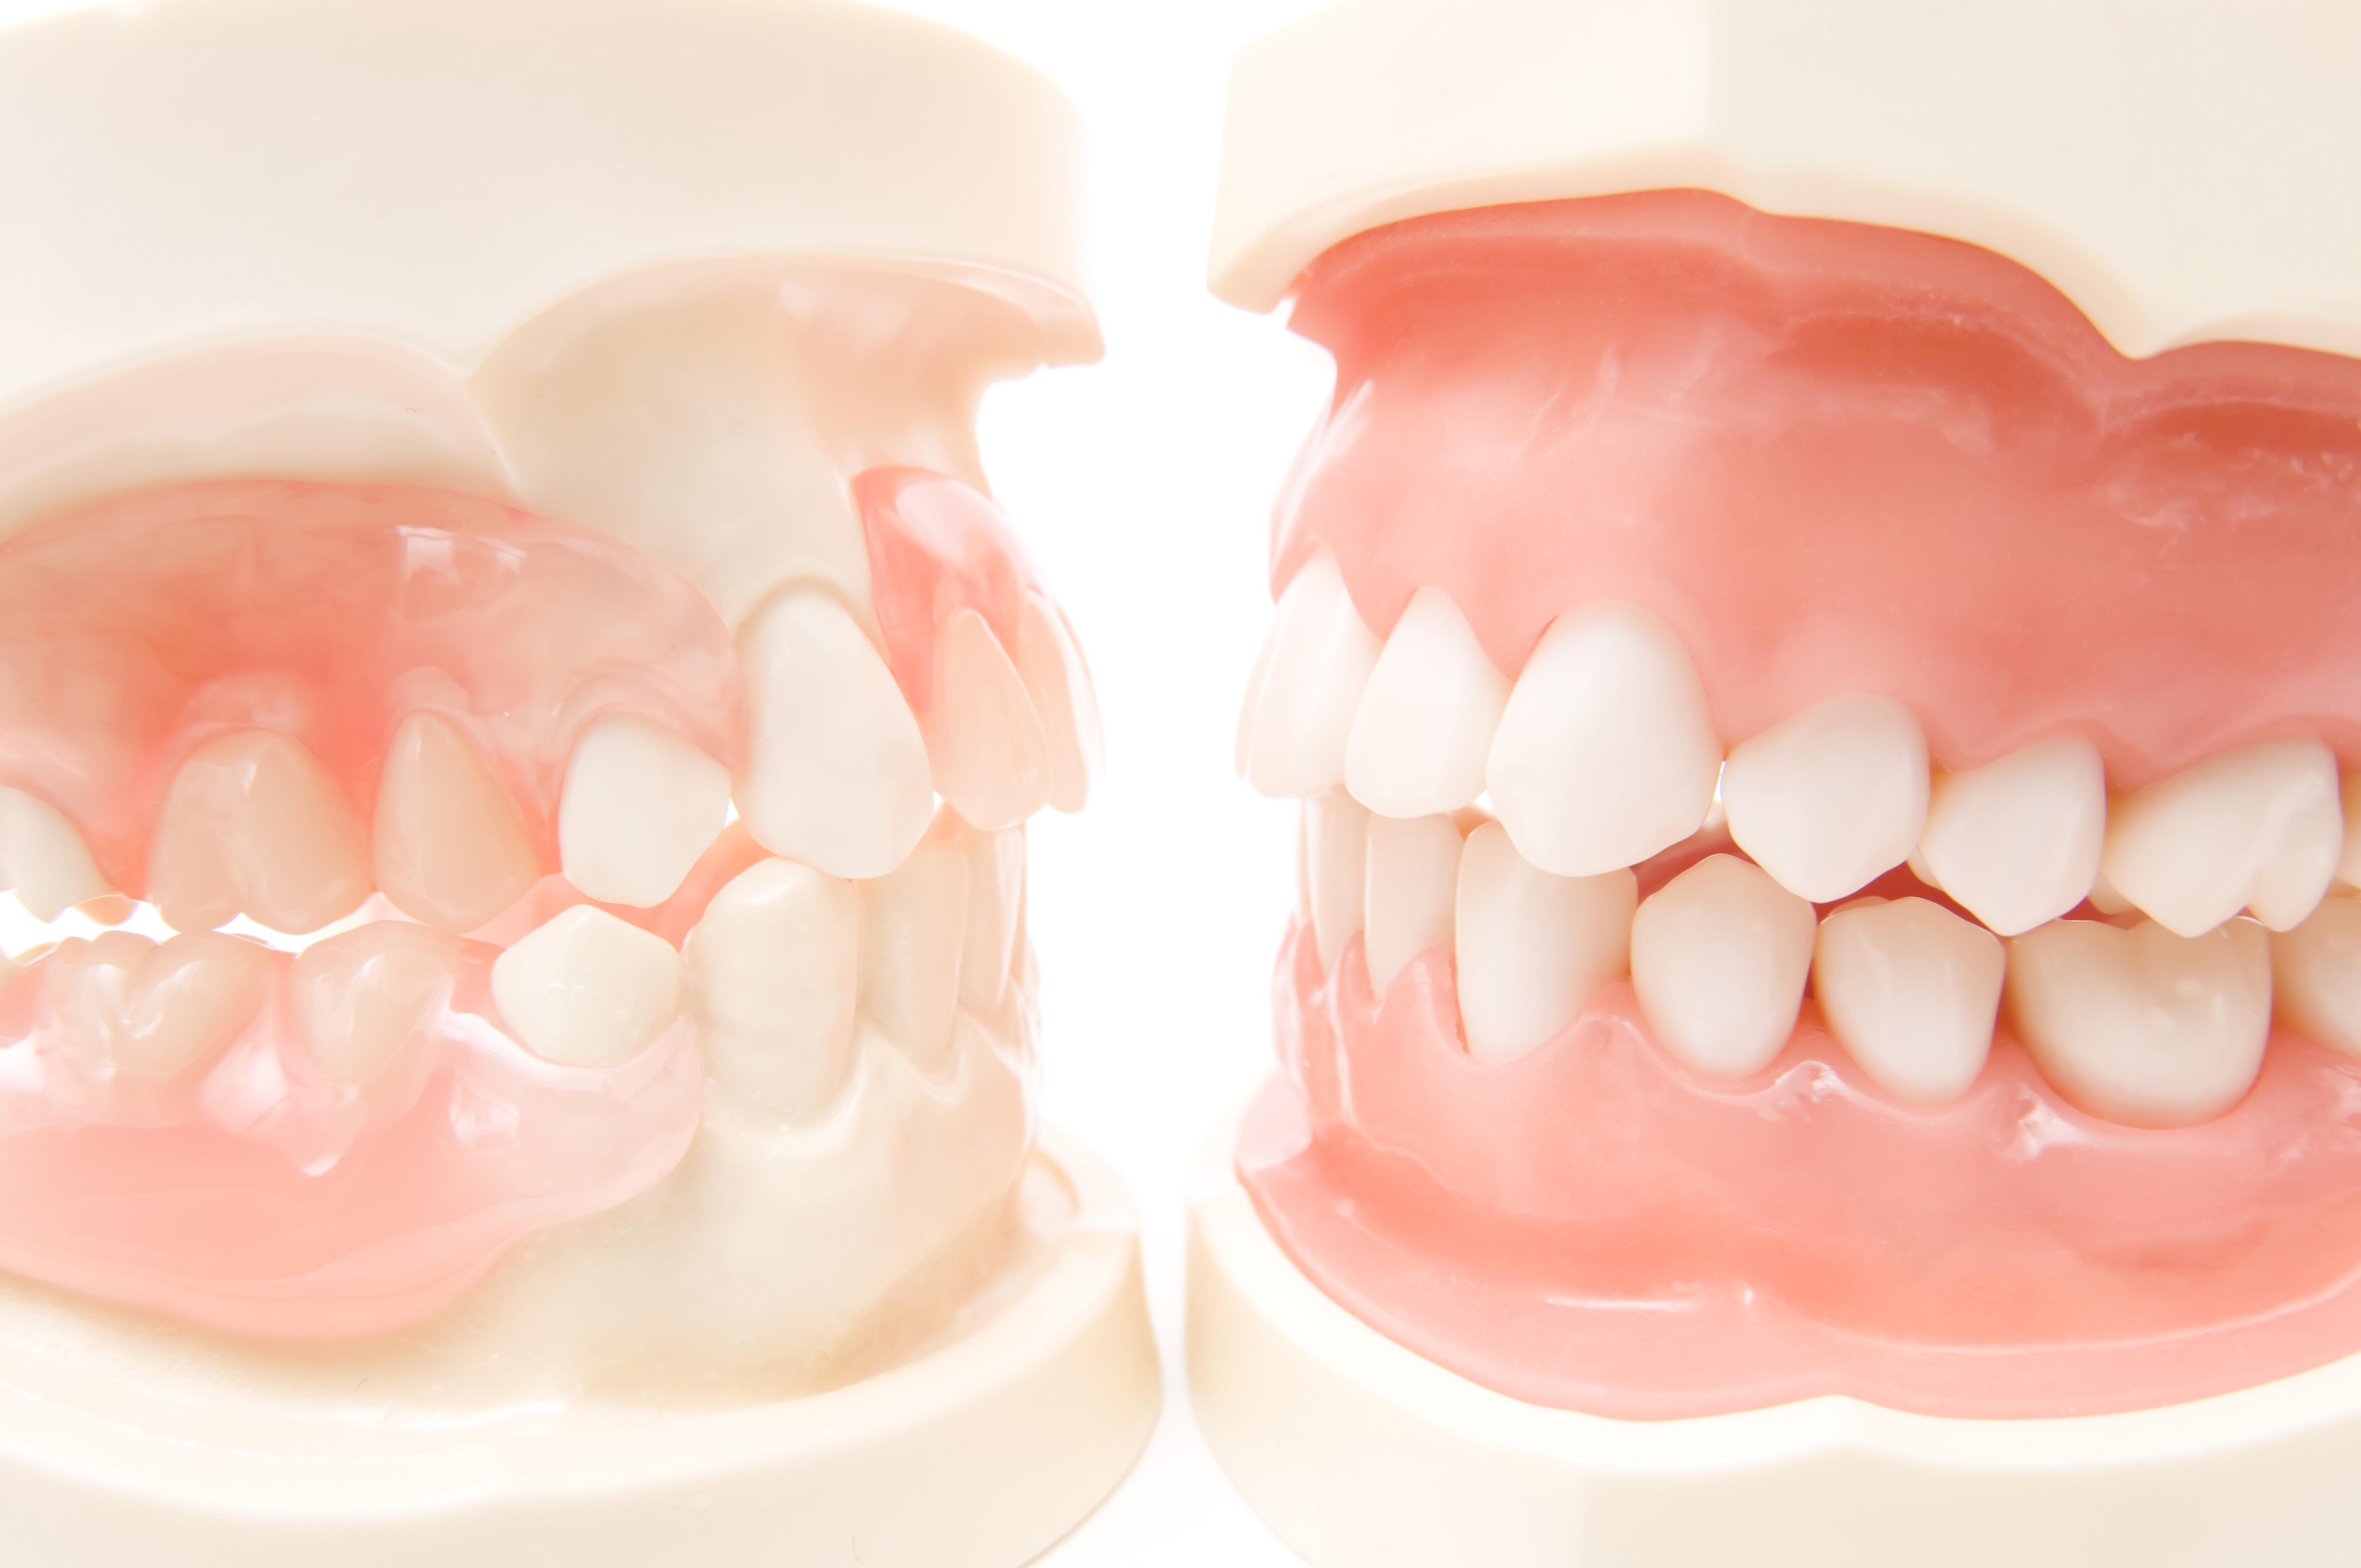 顎関節症(かみ合わせ)について